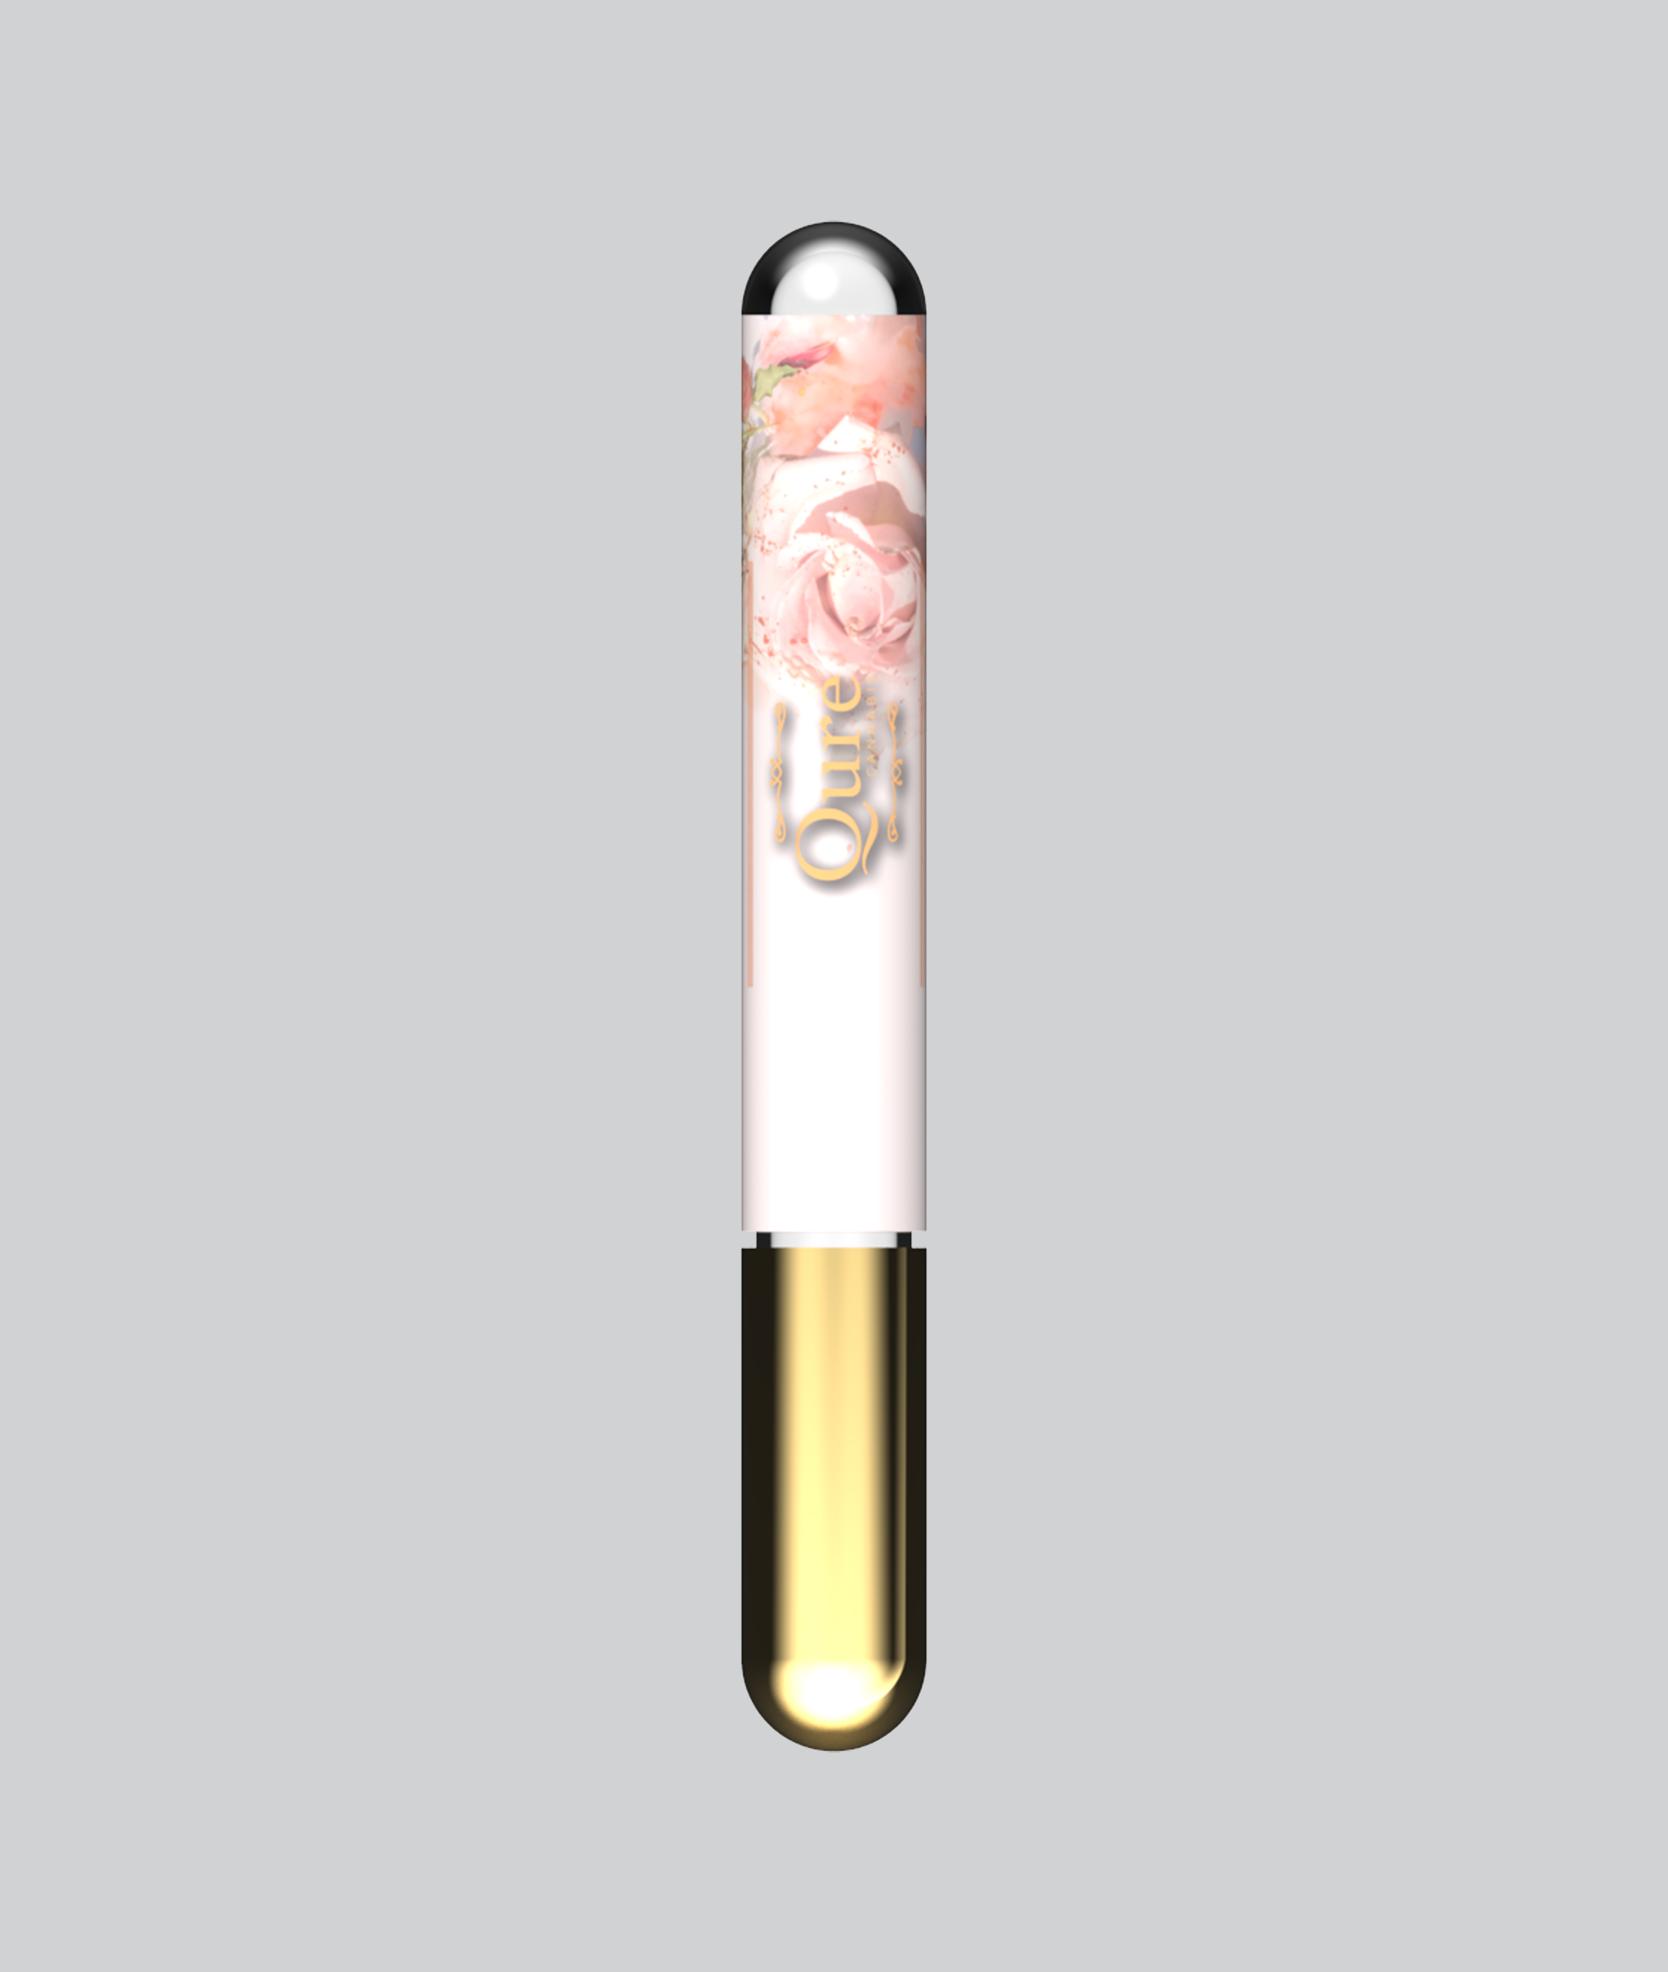 qure-custom-slim-vape-pen-packaging